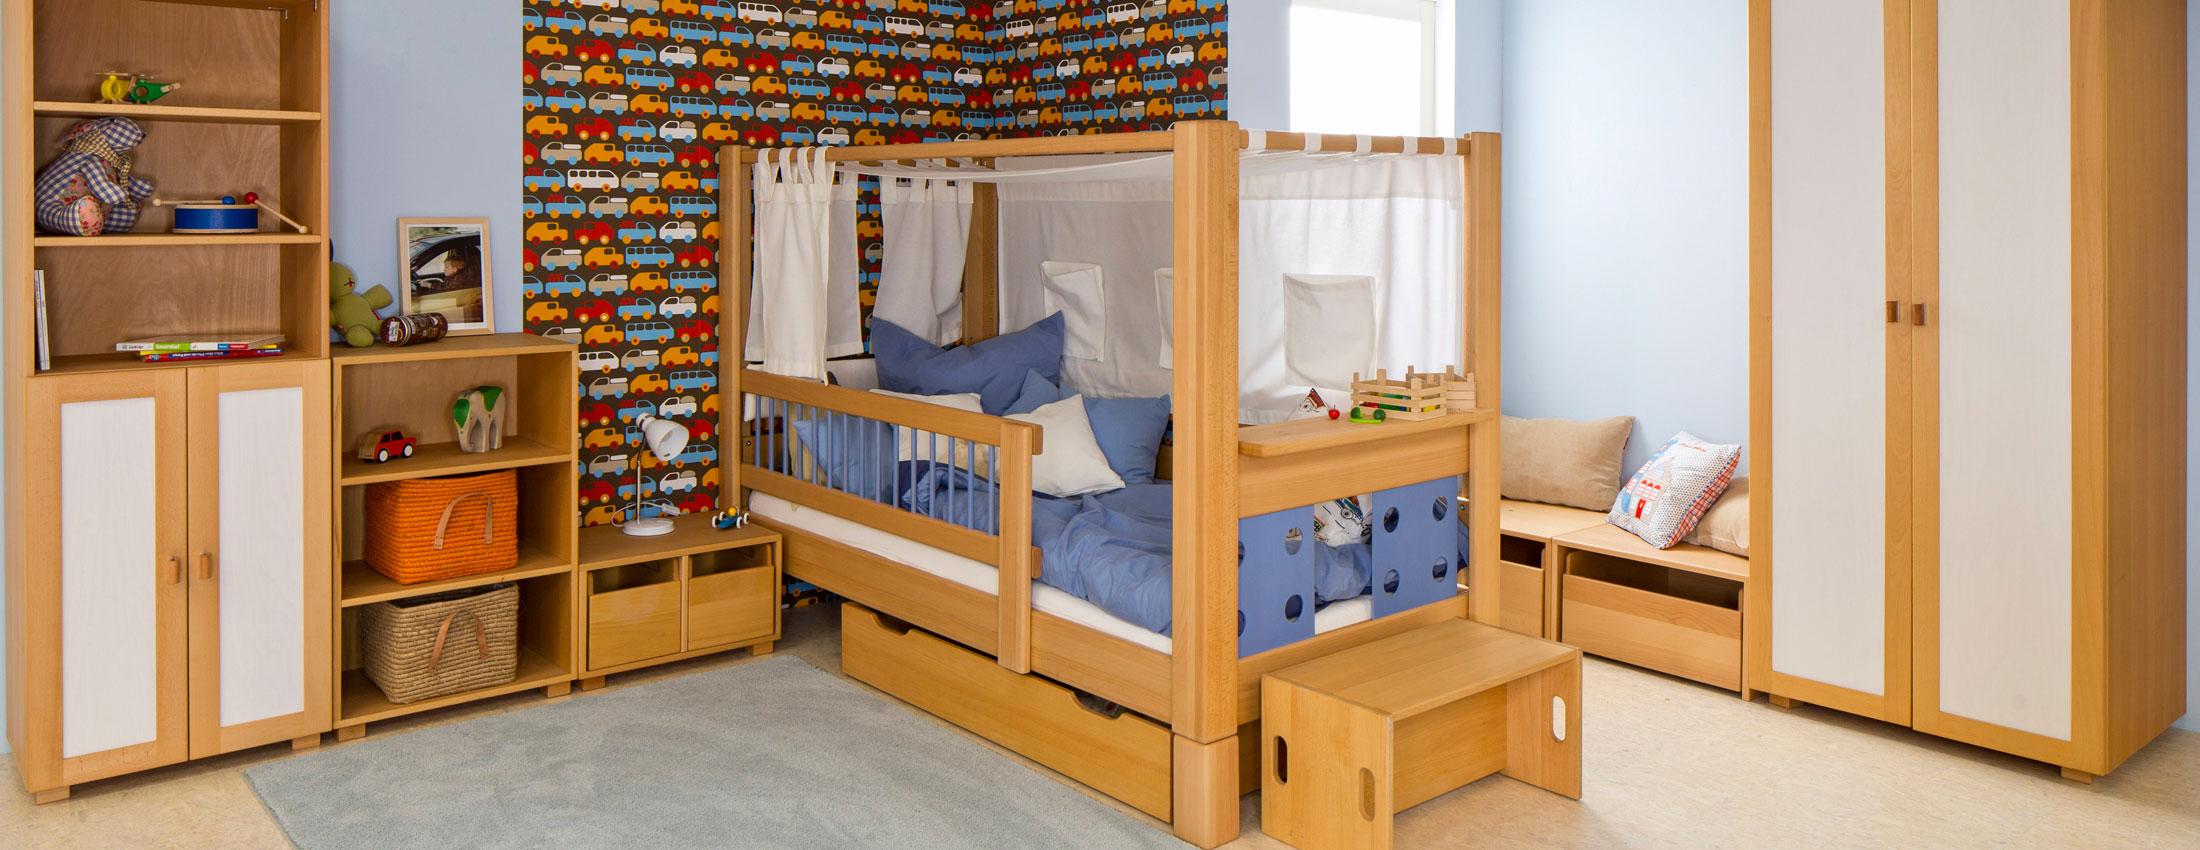 Full Size of Coole Kinderbetten Kindermbel Mitwachsend T Shirt Sprüche Betten T Shirt Wohnzimmer Coole Kinderbetten